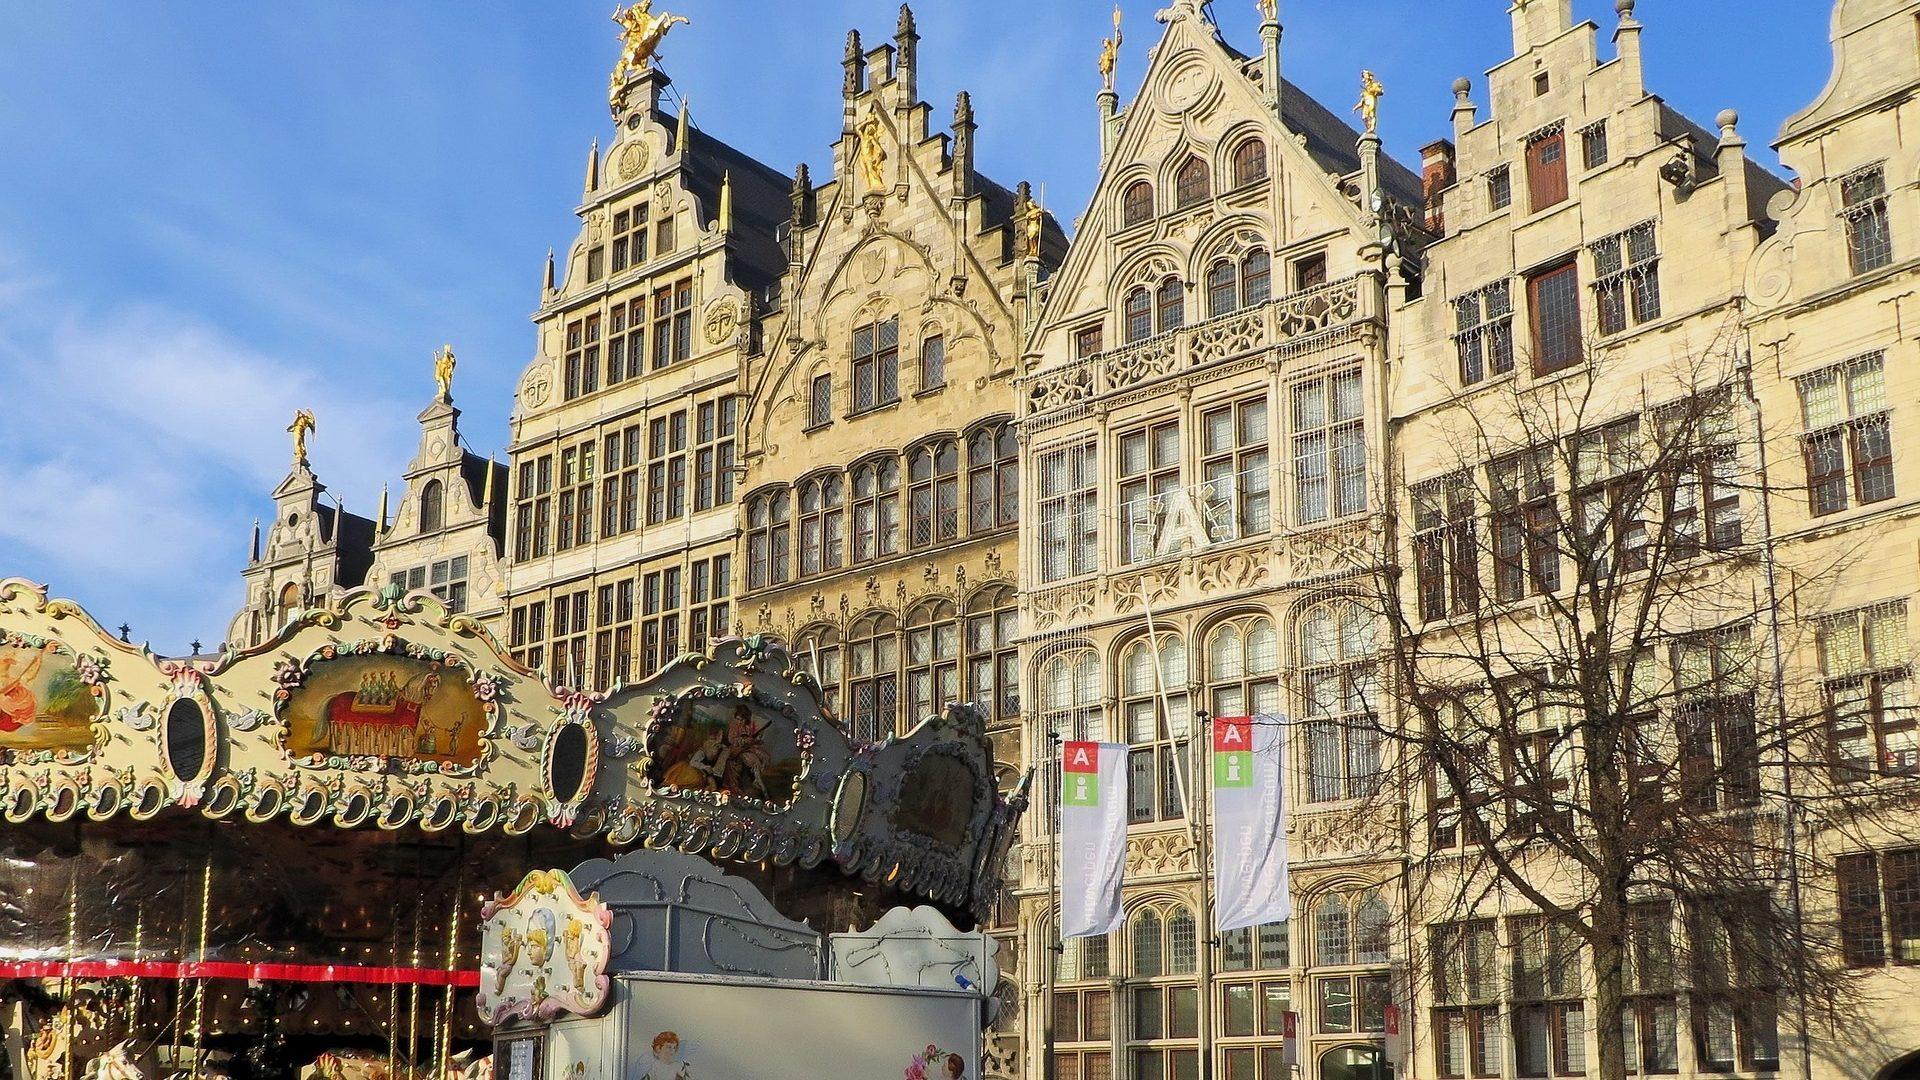 Flüge nach Antwerpen